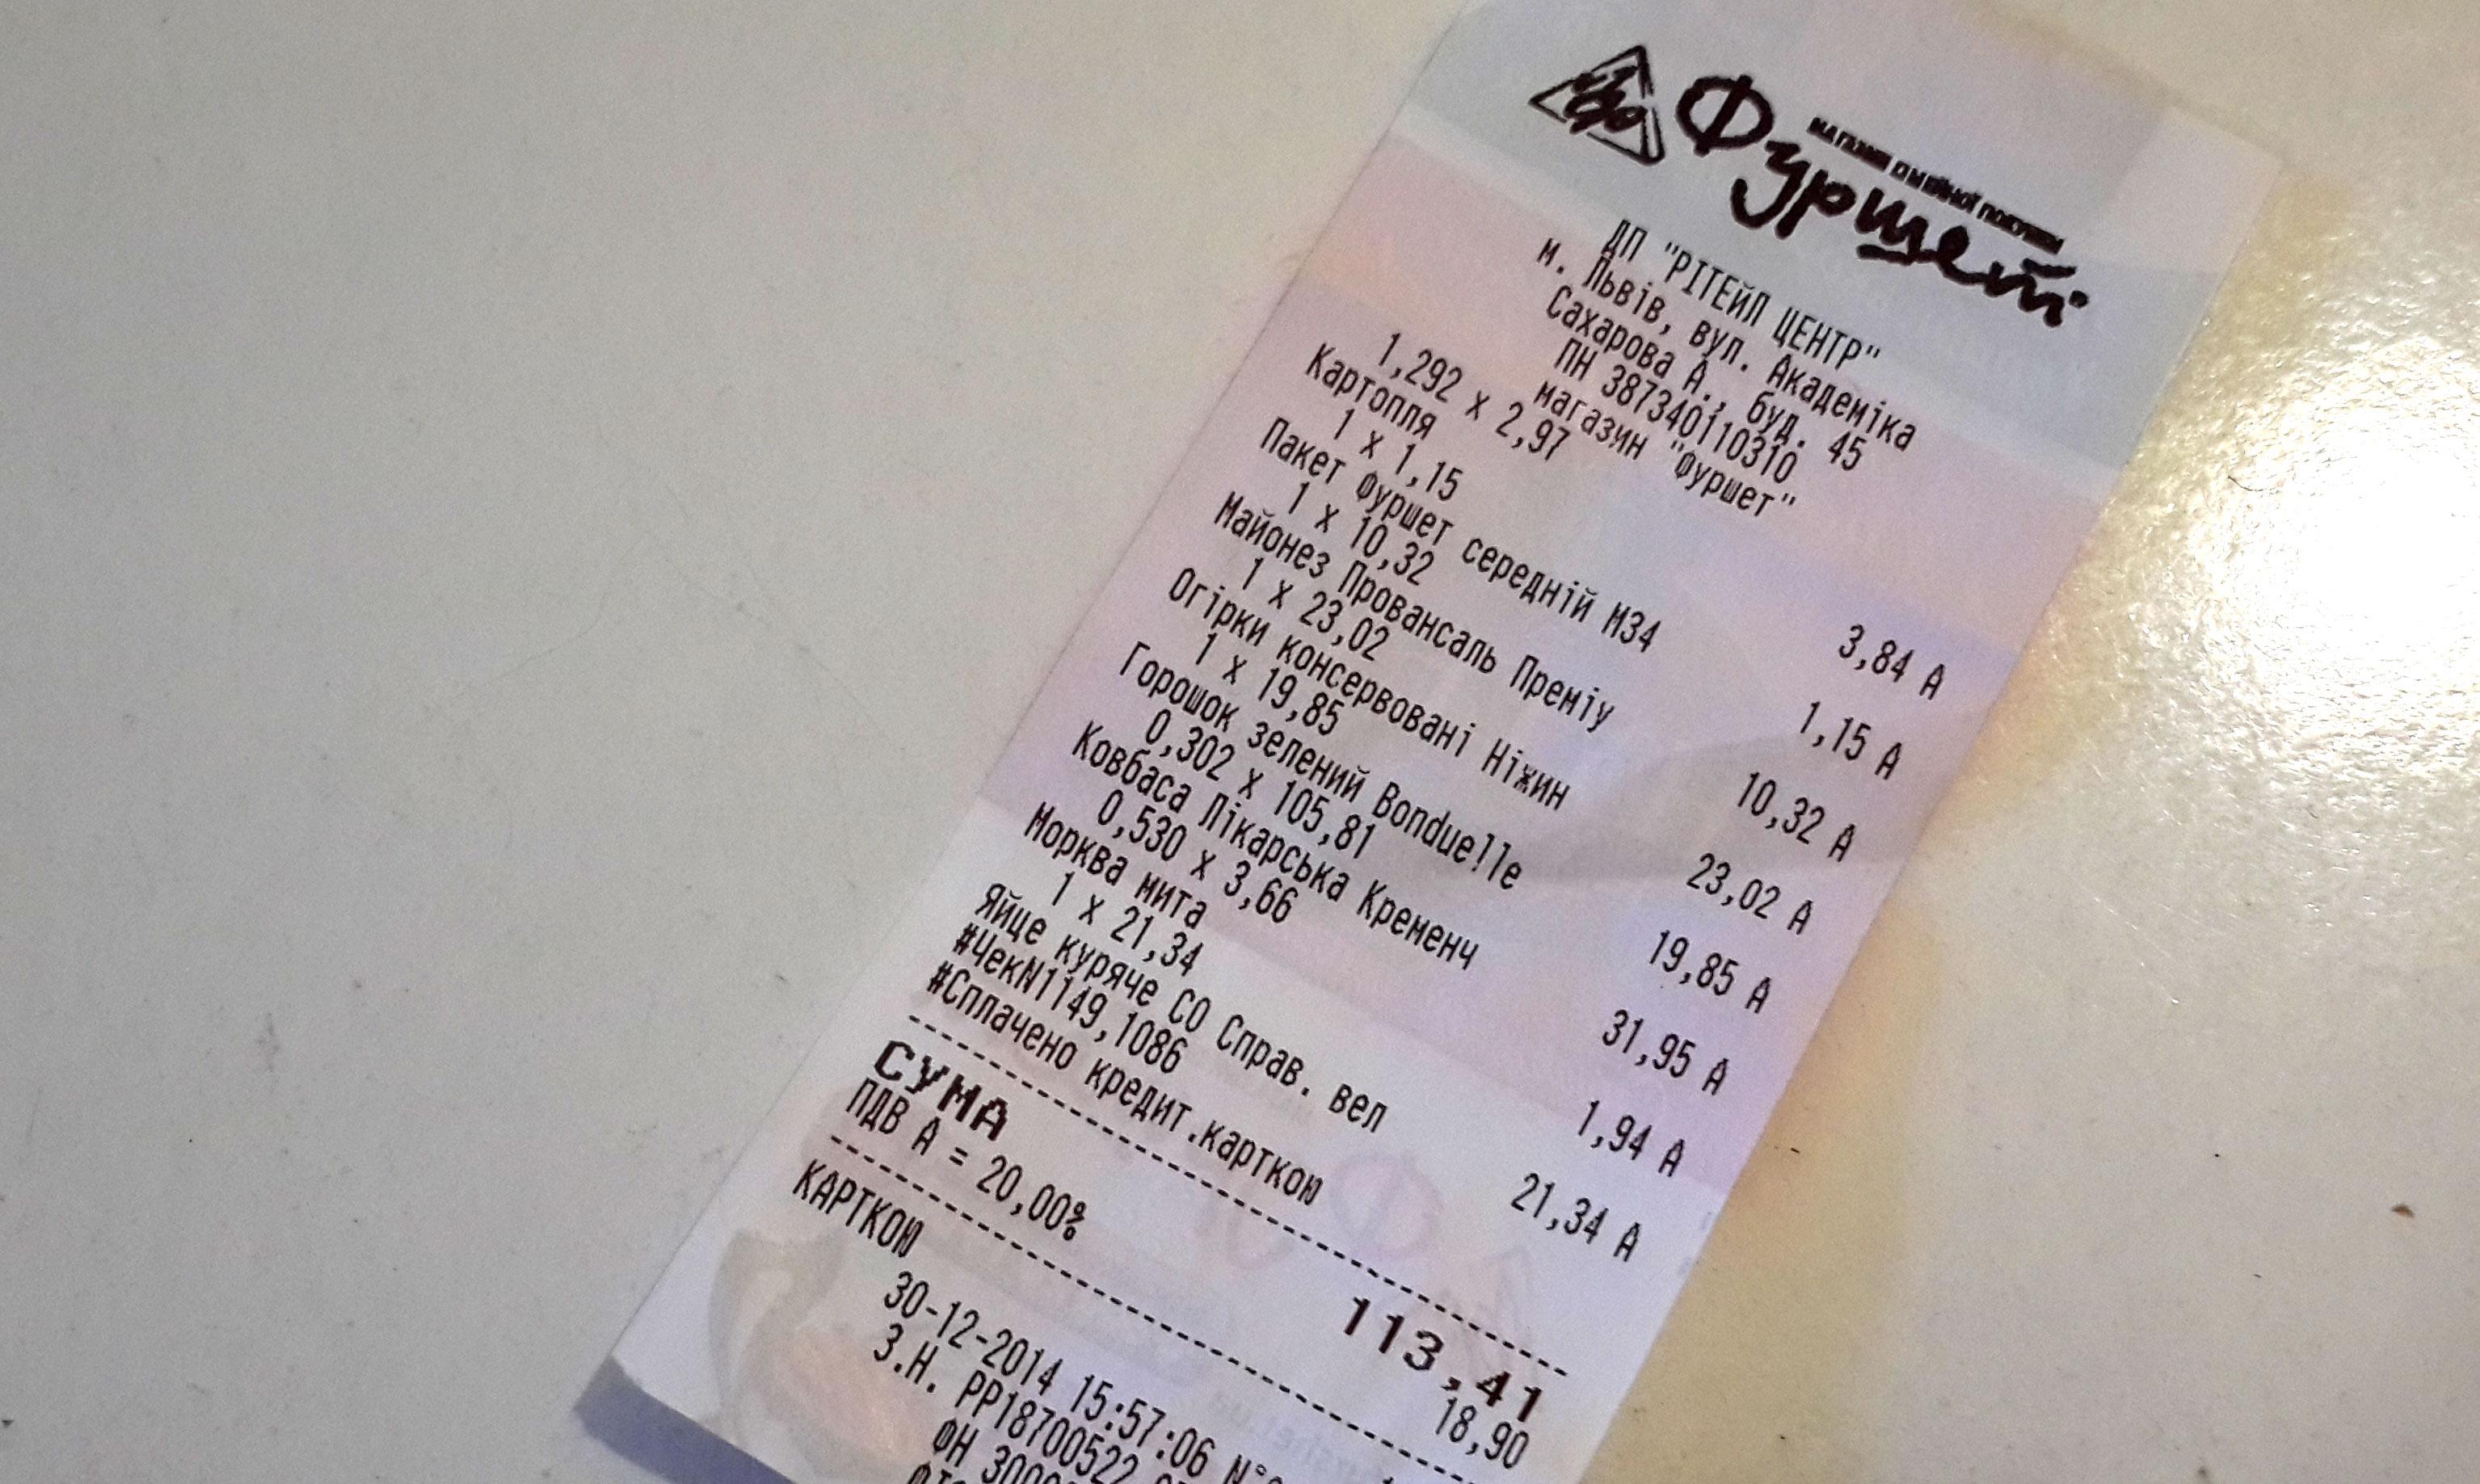 Ціна продуктів на салат Олів'є. Грудень 2014